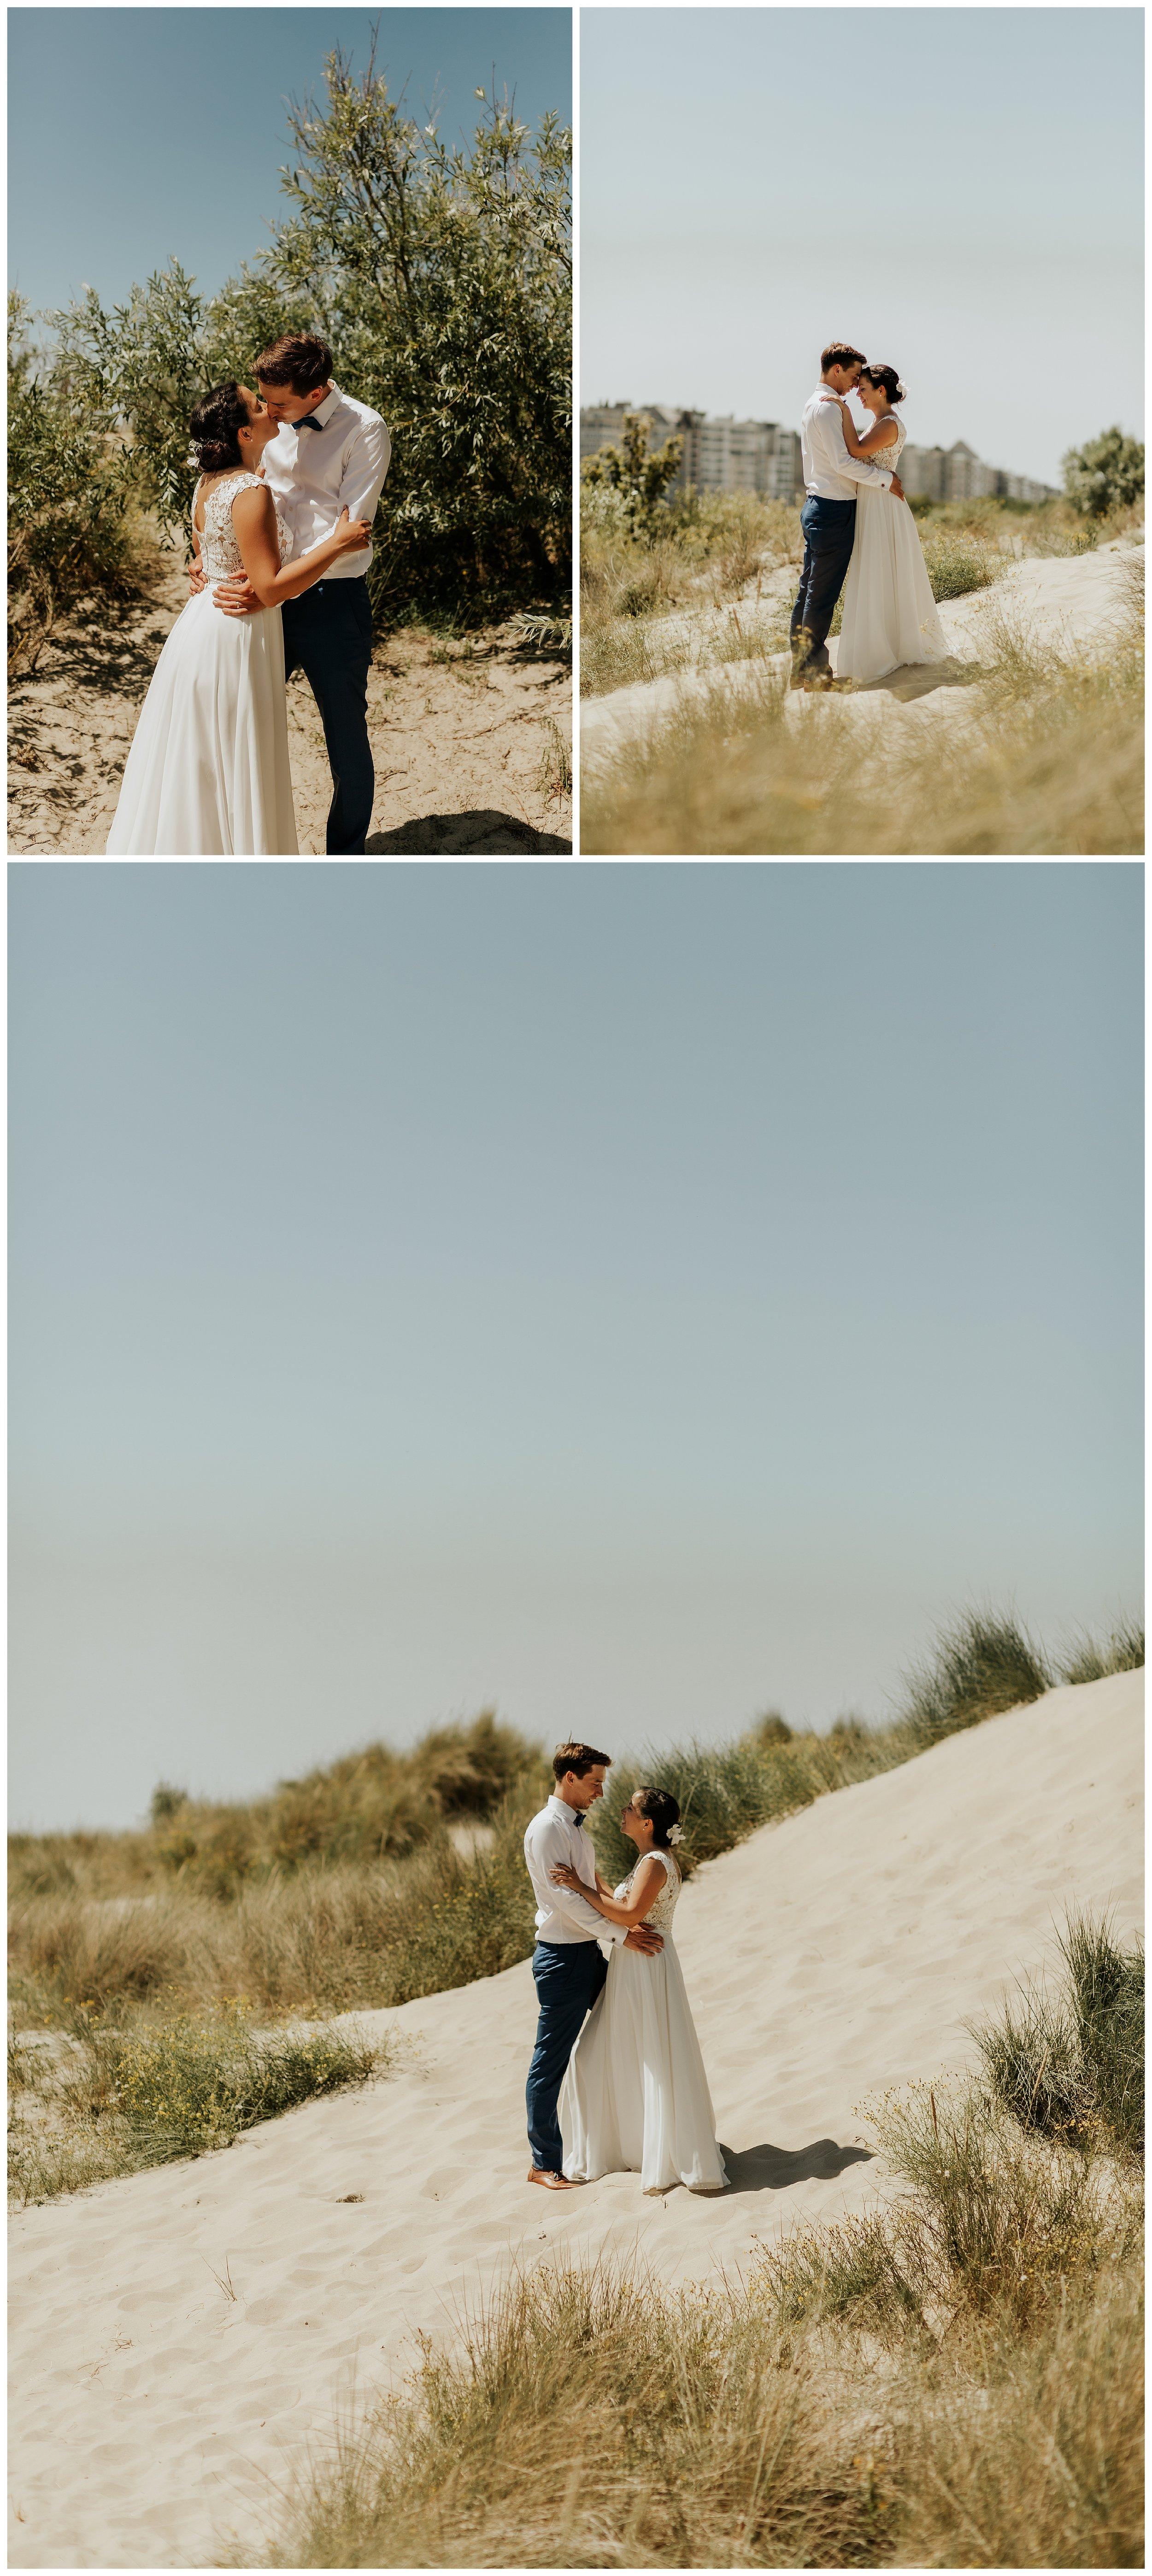 huwelijksfotograaf-huwelijksfotografie-knokke-heist-lisa-helsen-photography-trouwfotograaf-trouwfoto-sabine-pieter_0011.jpg